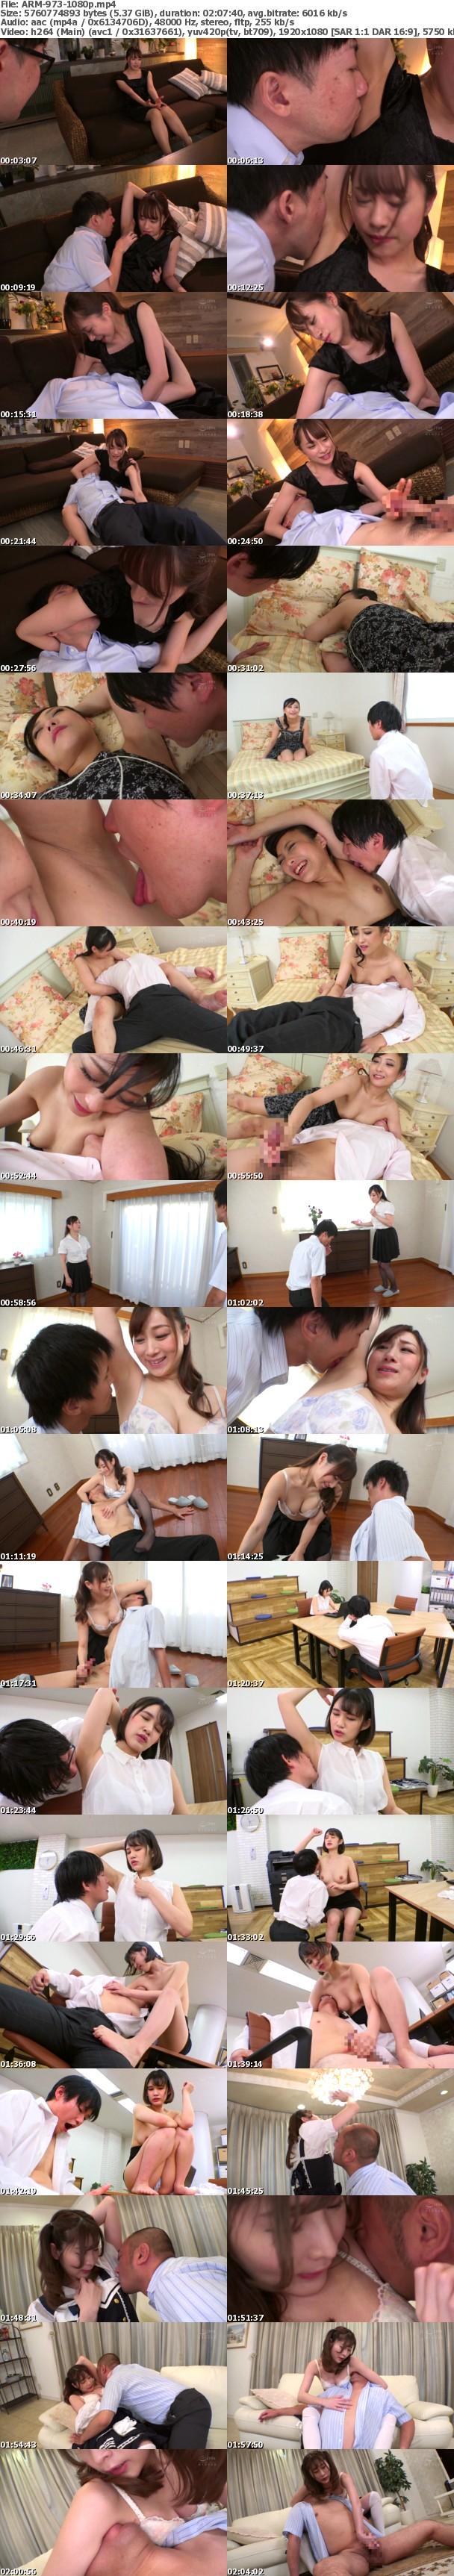 (Full HD) ARM-973 腋が好きな男子、お姉さまのフェイスロック&手コキで昇天する